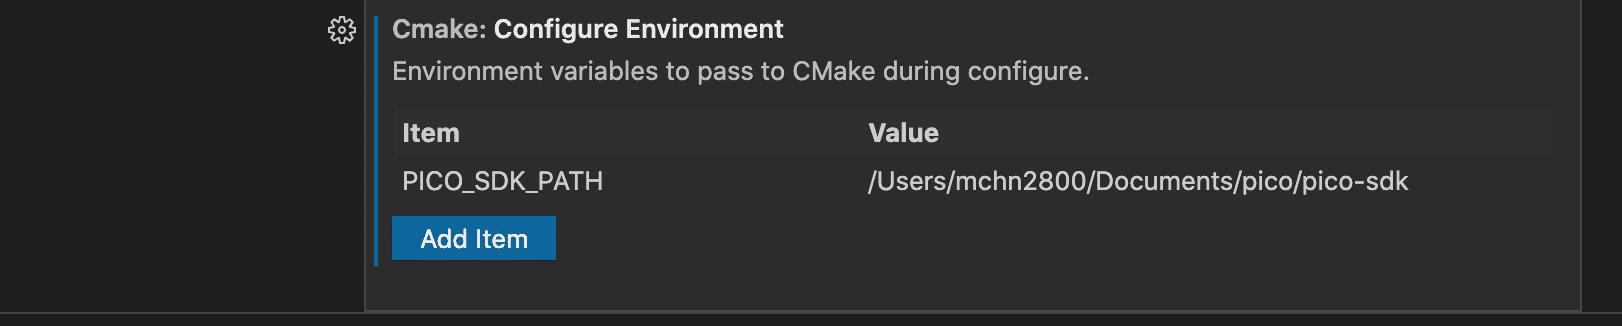 CMake Tools benötigen die Angabe des Pico-SDK-Pfads